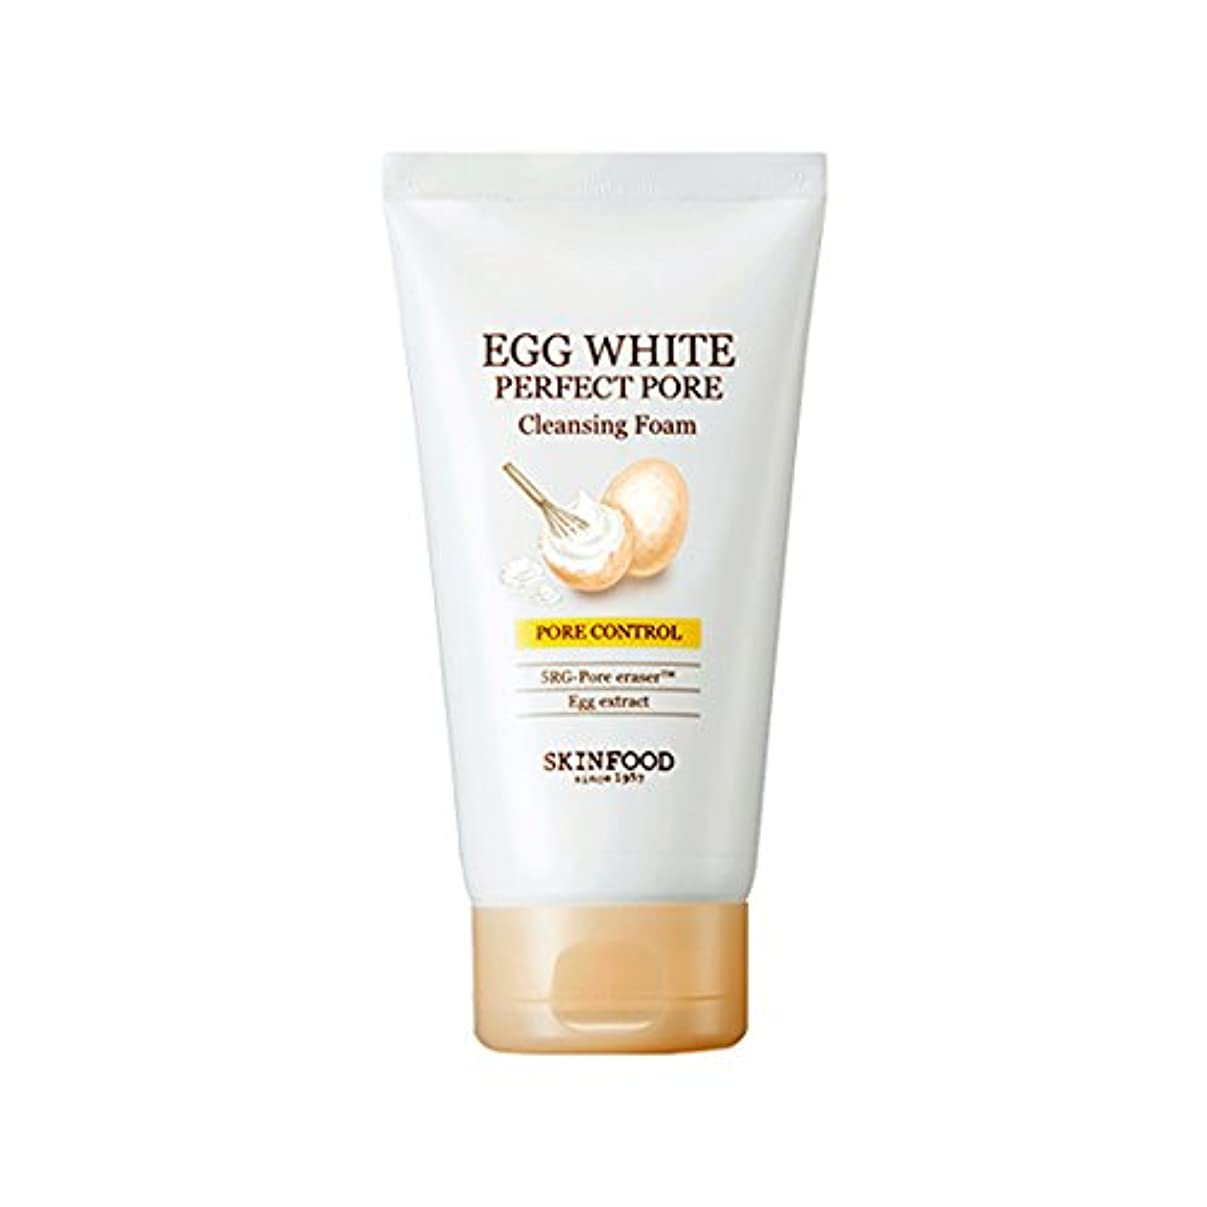 推定するセンサーヒゲ[2017 New] SKINFOOD Egg White Perfect Pore Cleansing Foam 150ml/スキンフード エッグ ホワイト パーフェクト ポア クレンジング フォーム 150ml [並行輸入品]